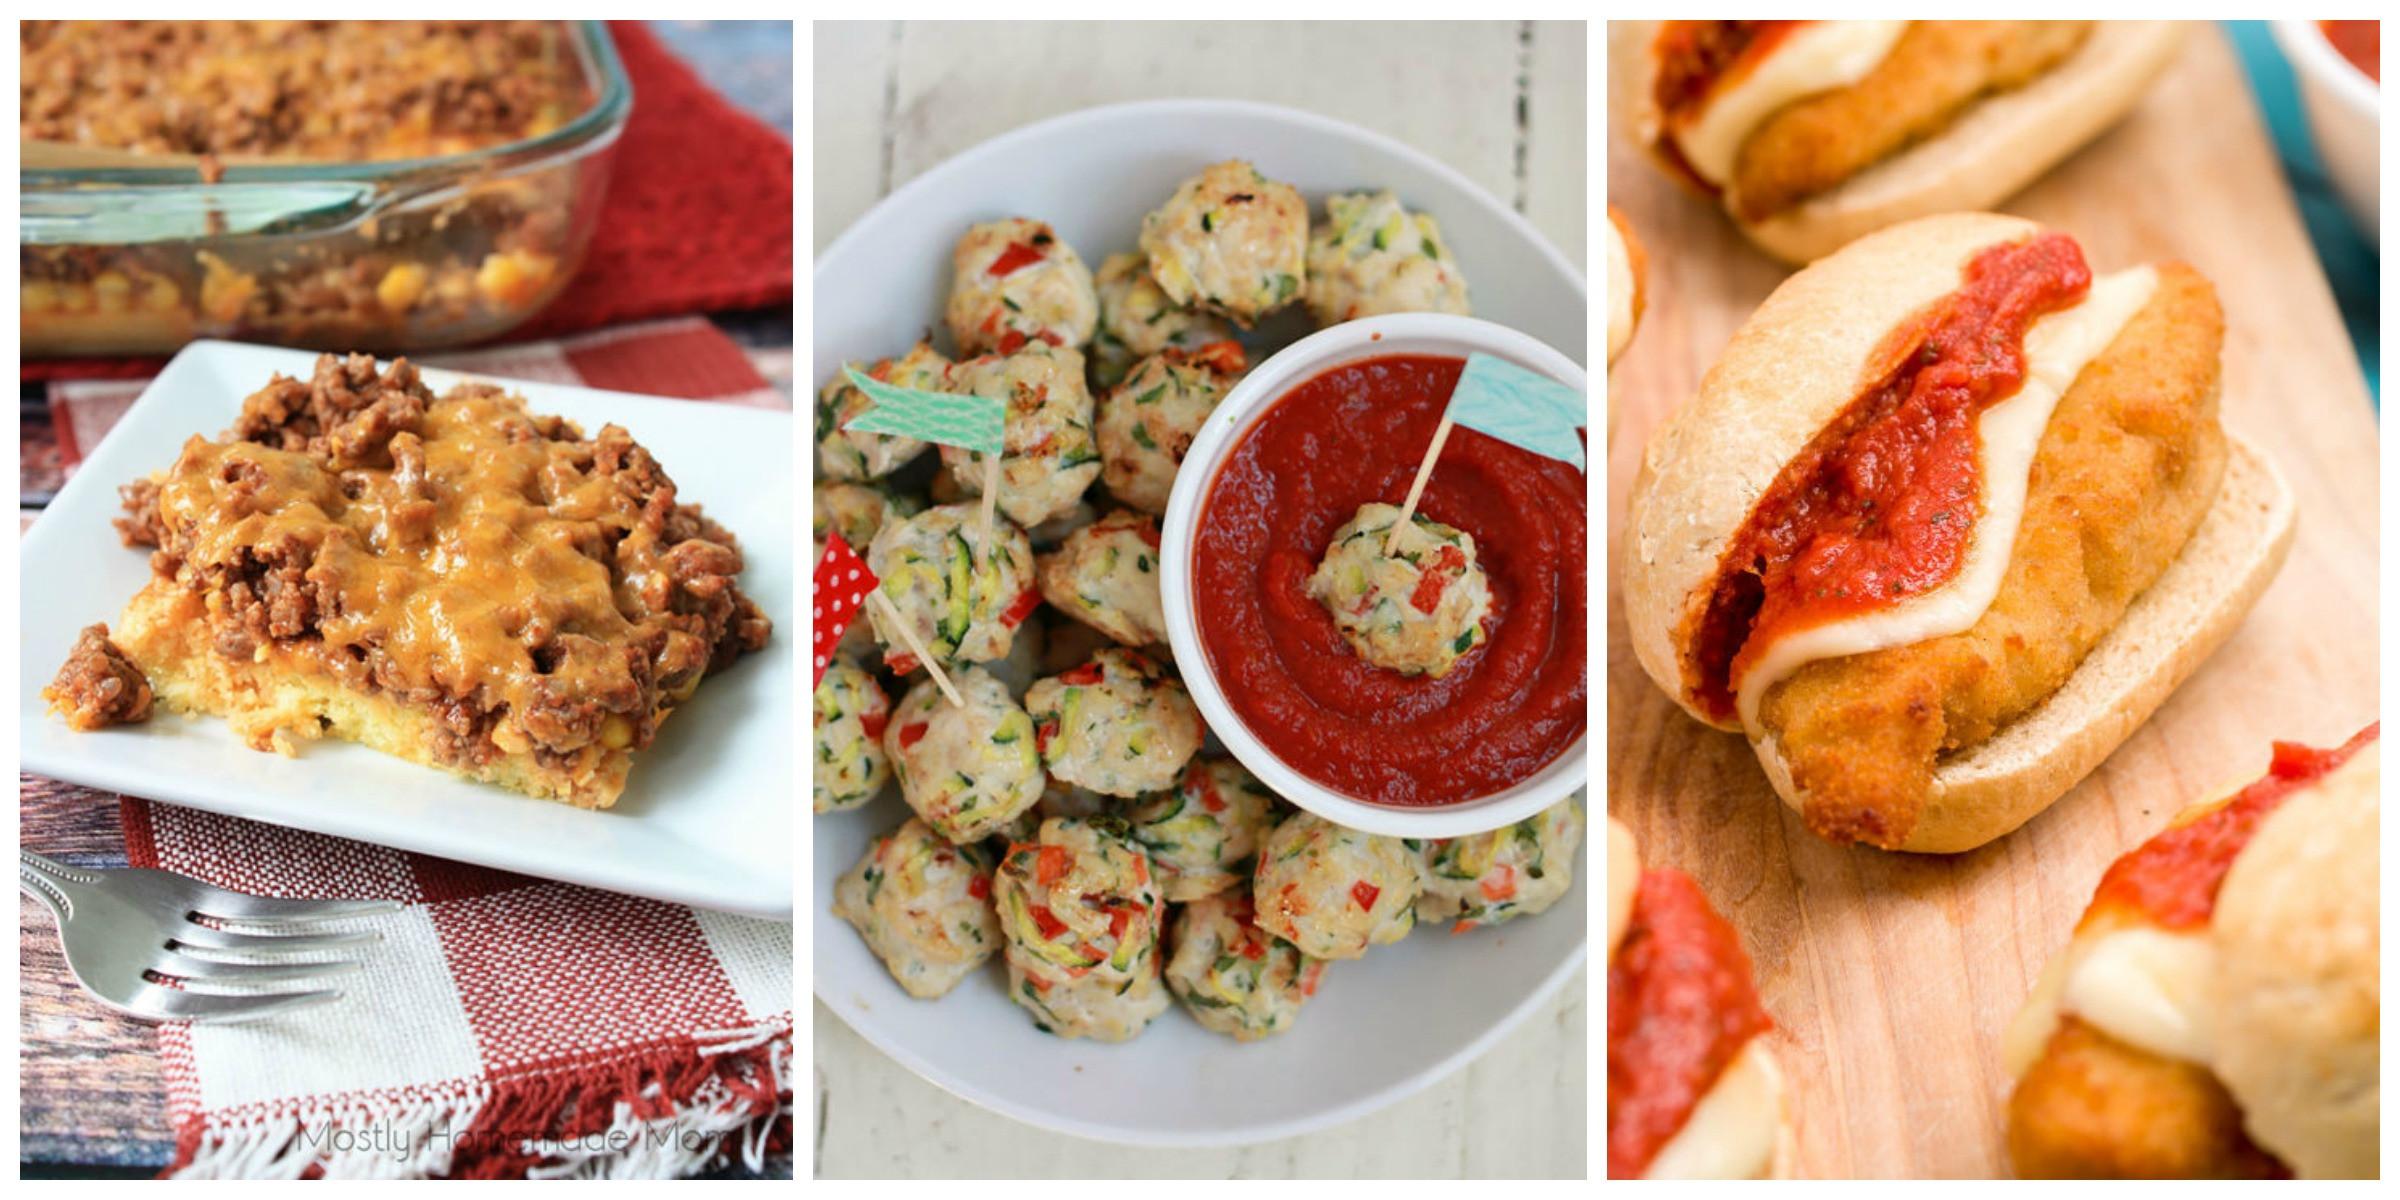 Kids Dinner Receipes  20 Easy Dinner Ideas For Kids Quick Kid Friendly Dinner